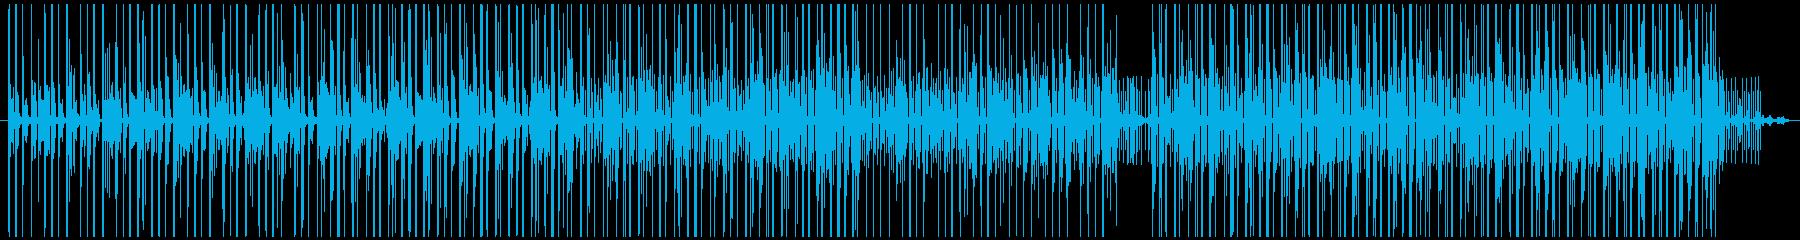 密談やラウンジ散策にぴったりビートの再生済みの波形